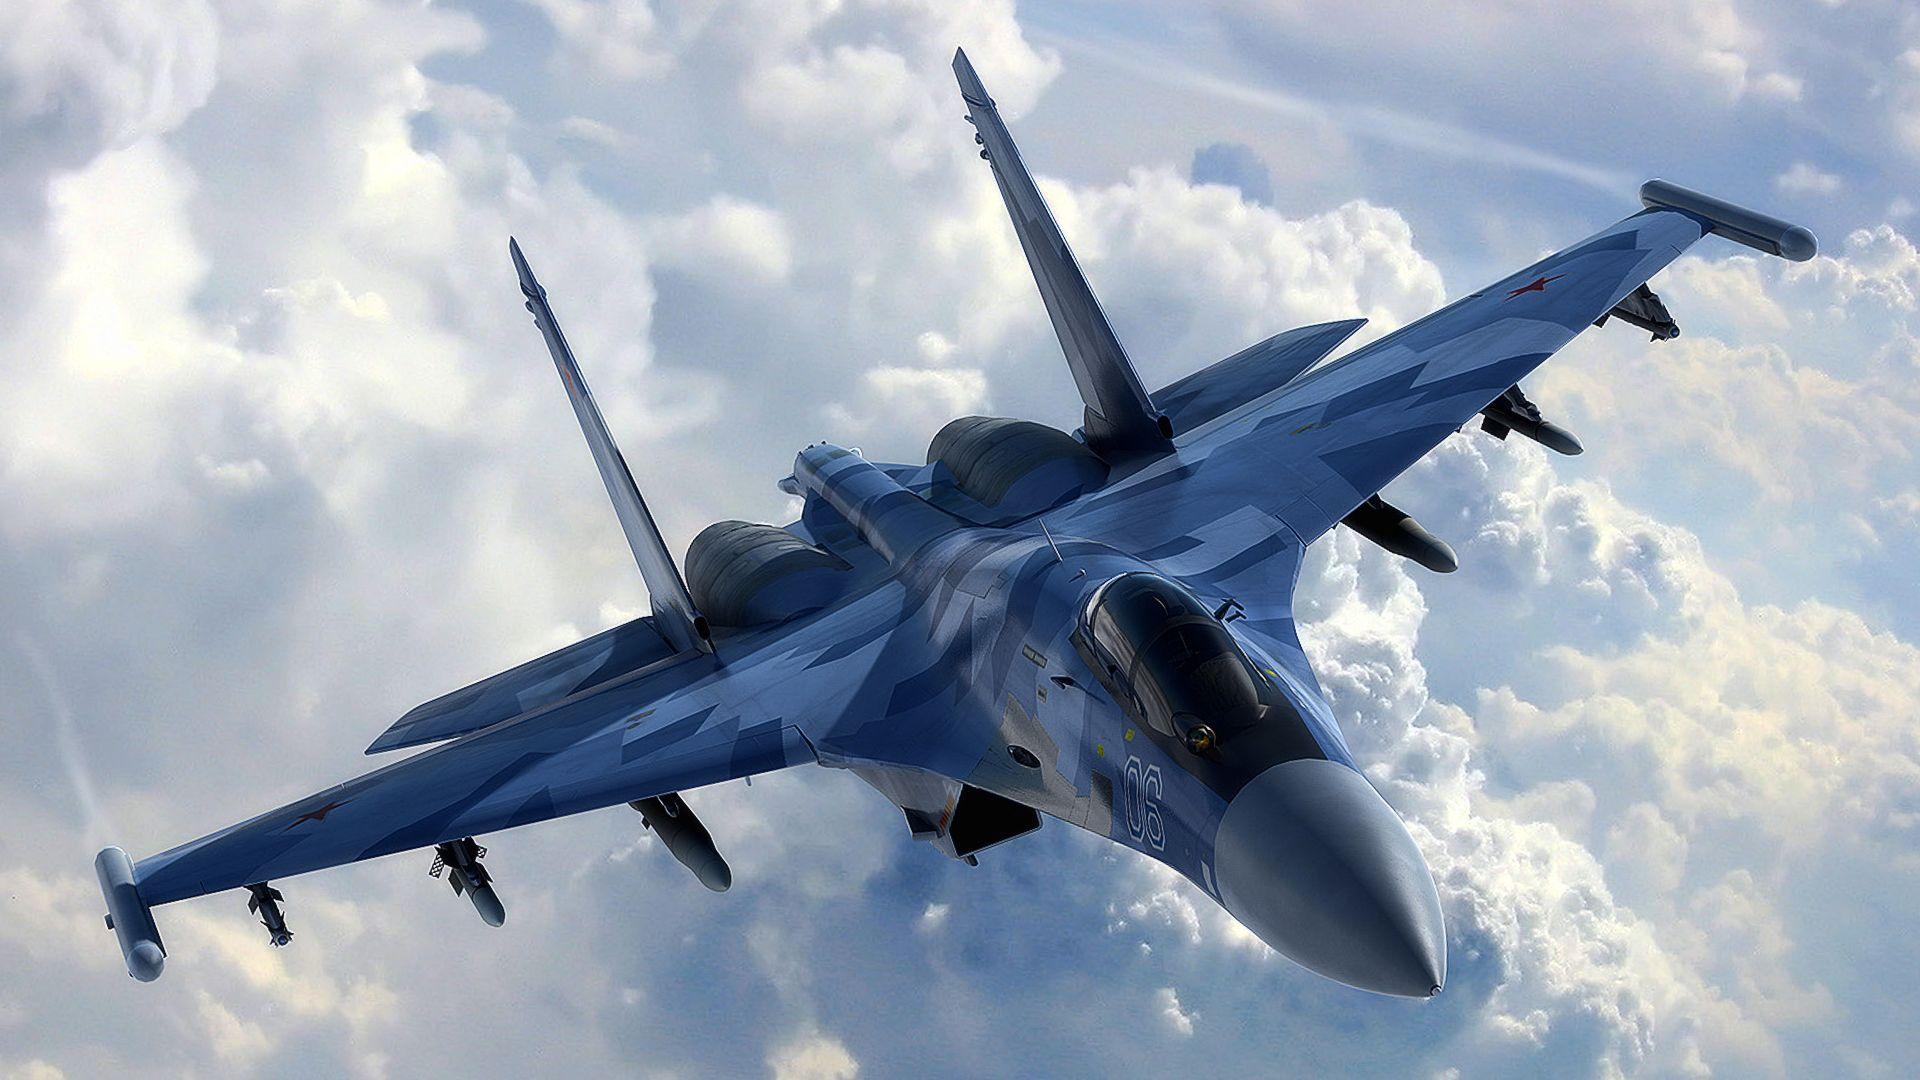 Simulateur de pilotage : avion